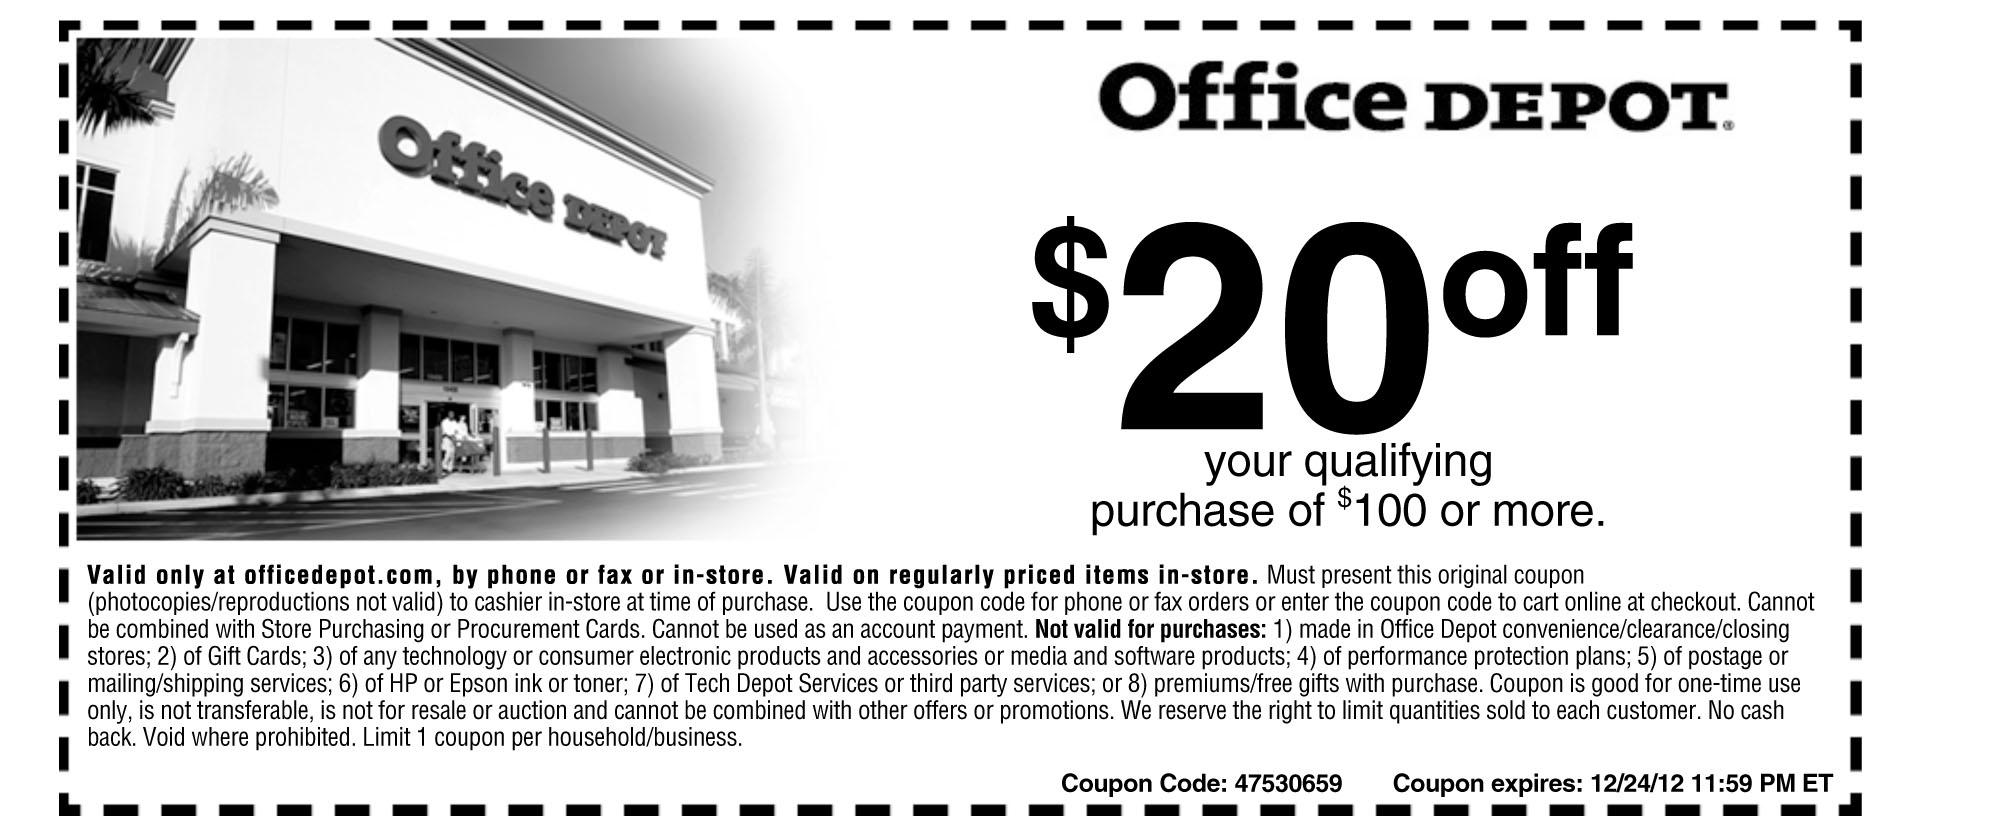 Office Depot 20 Off Coupon Print Coupon King